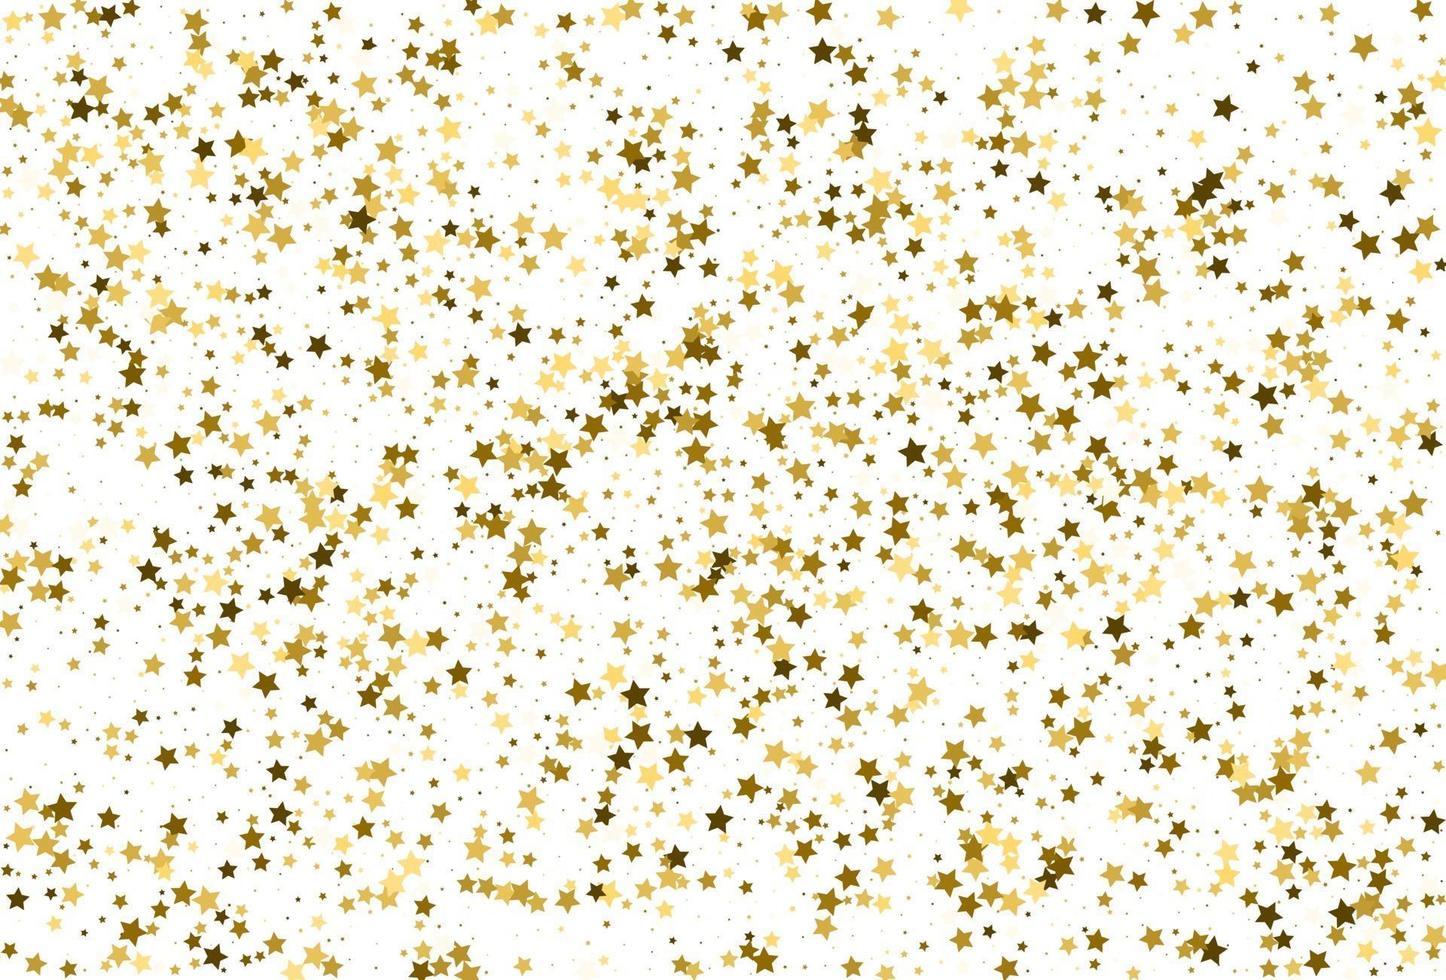 confetes de estrelas douradas. decoração de festa de feriado. vetor